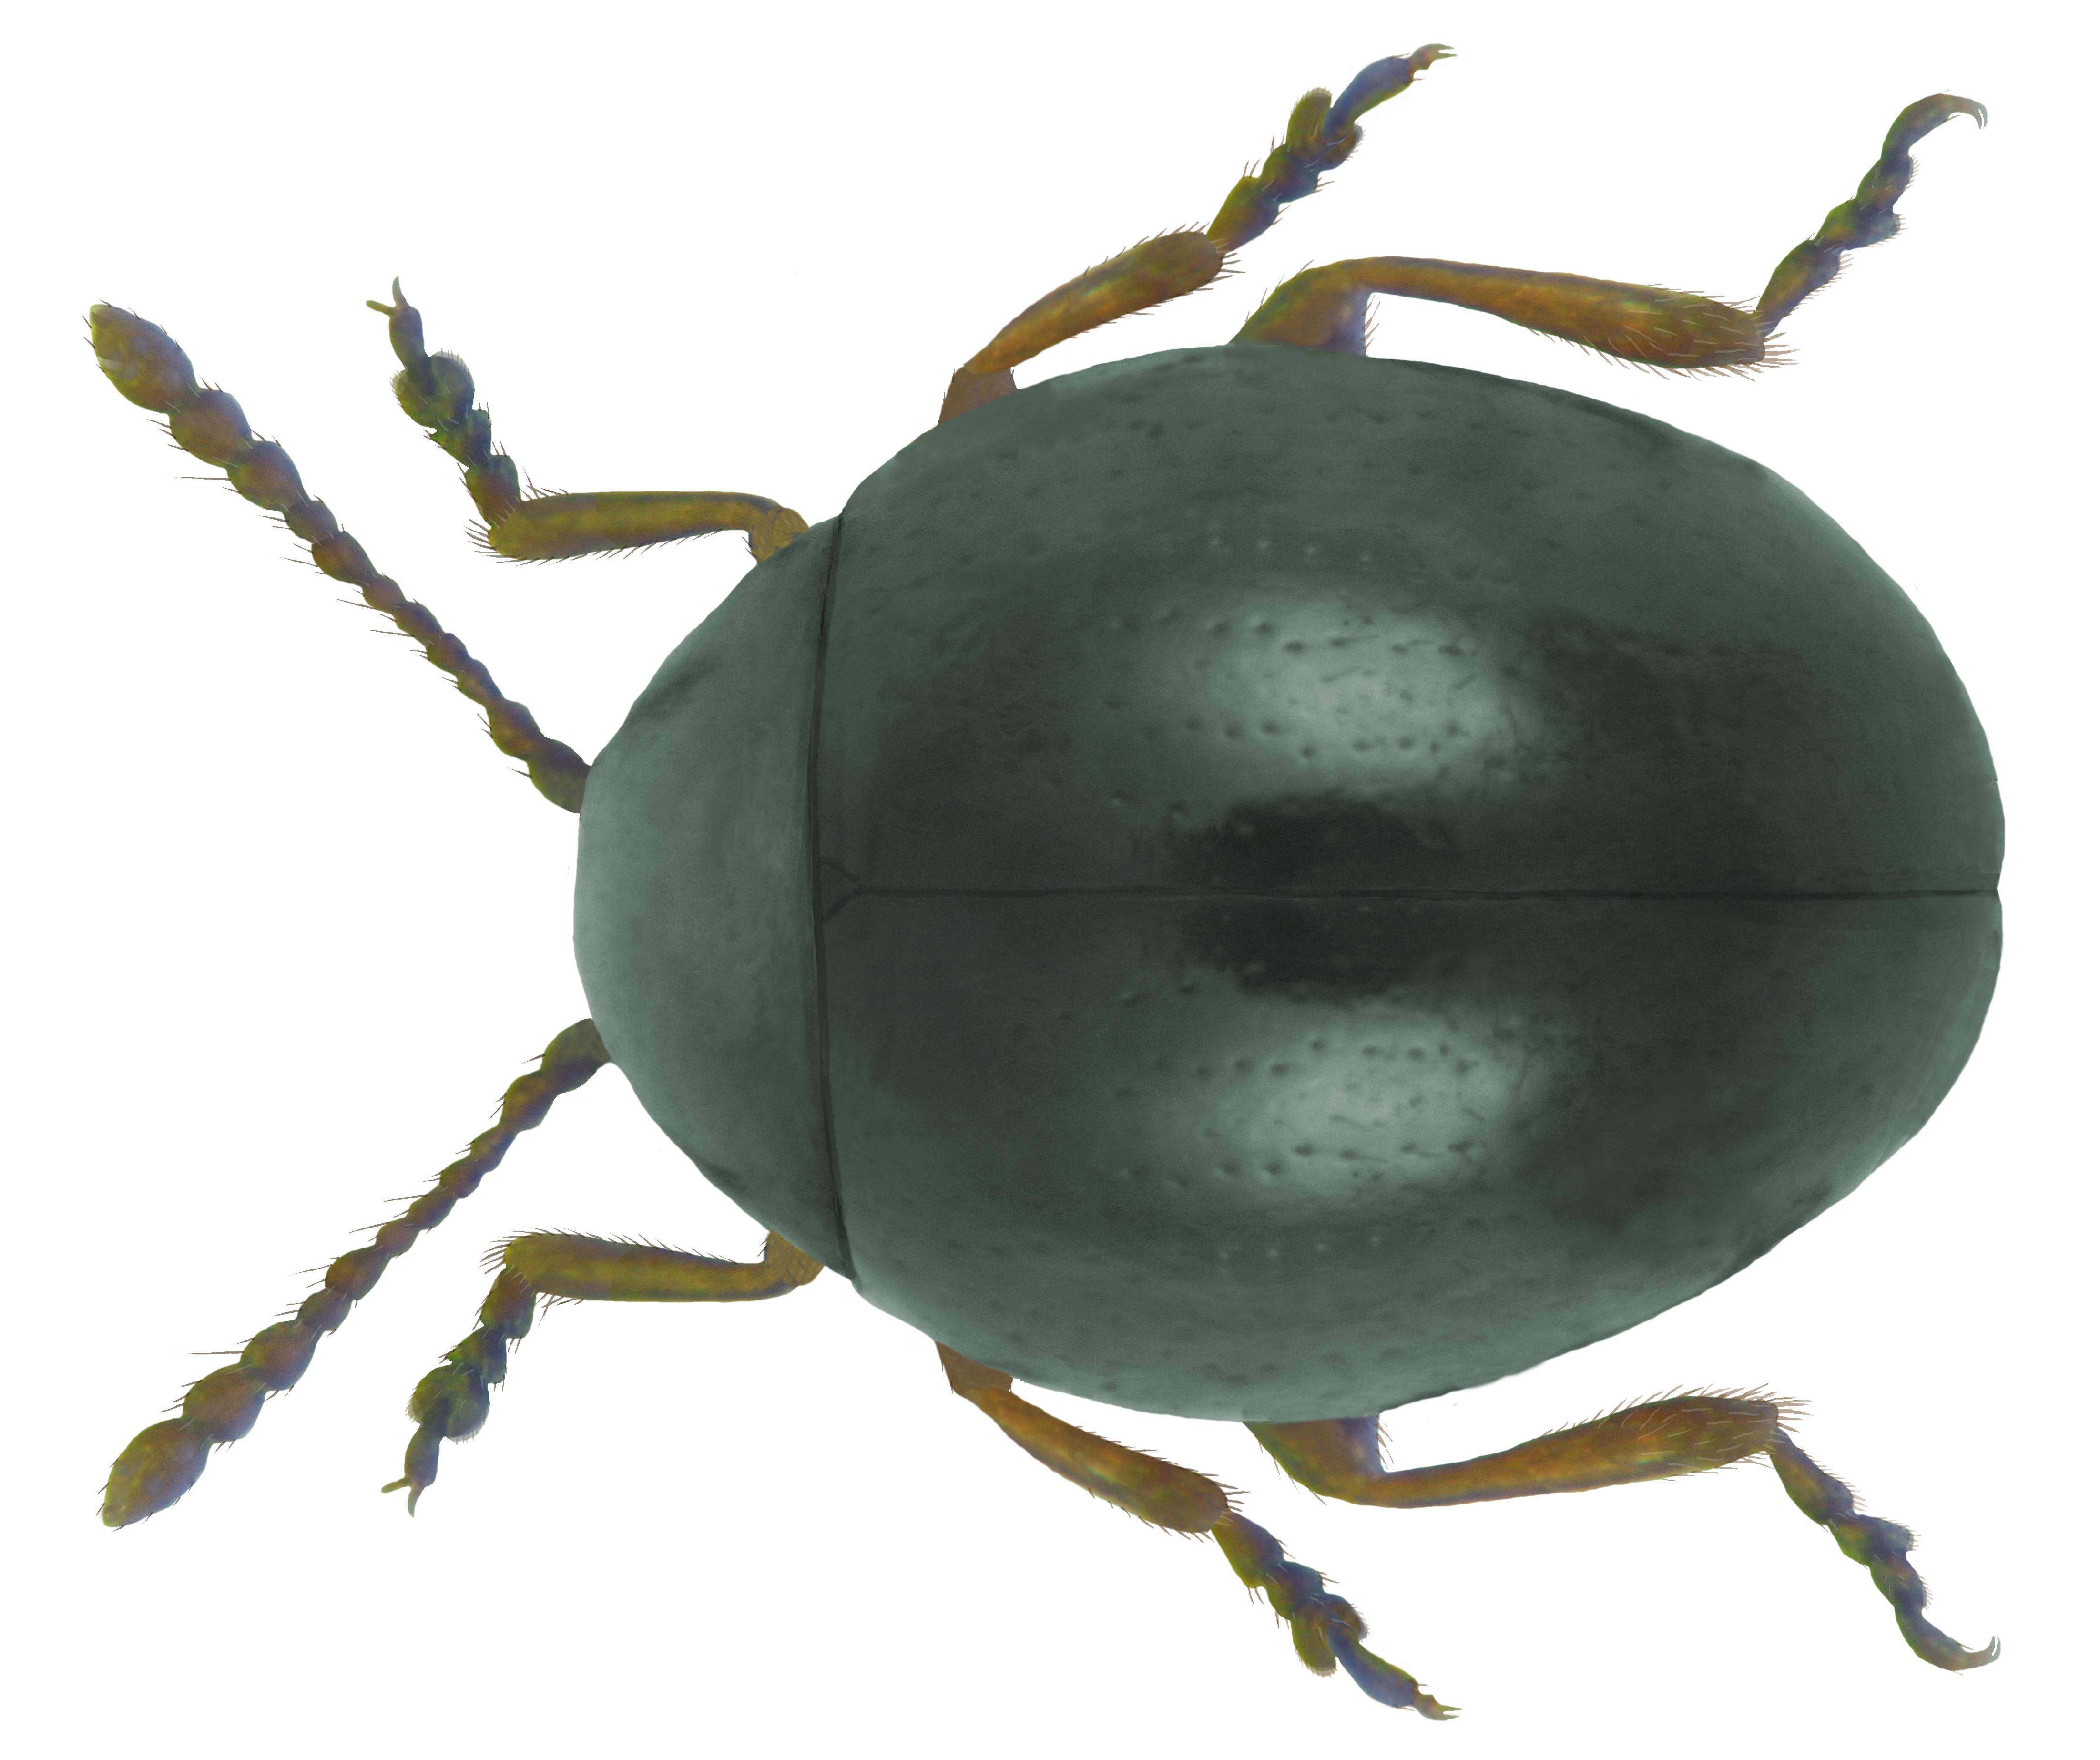 File mniophila muscorum koch 1803 jpg facts for kids for Koch wikipedia